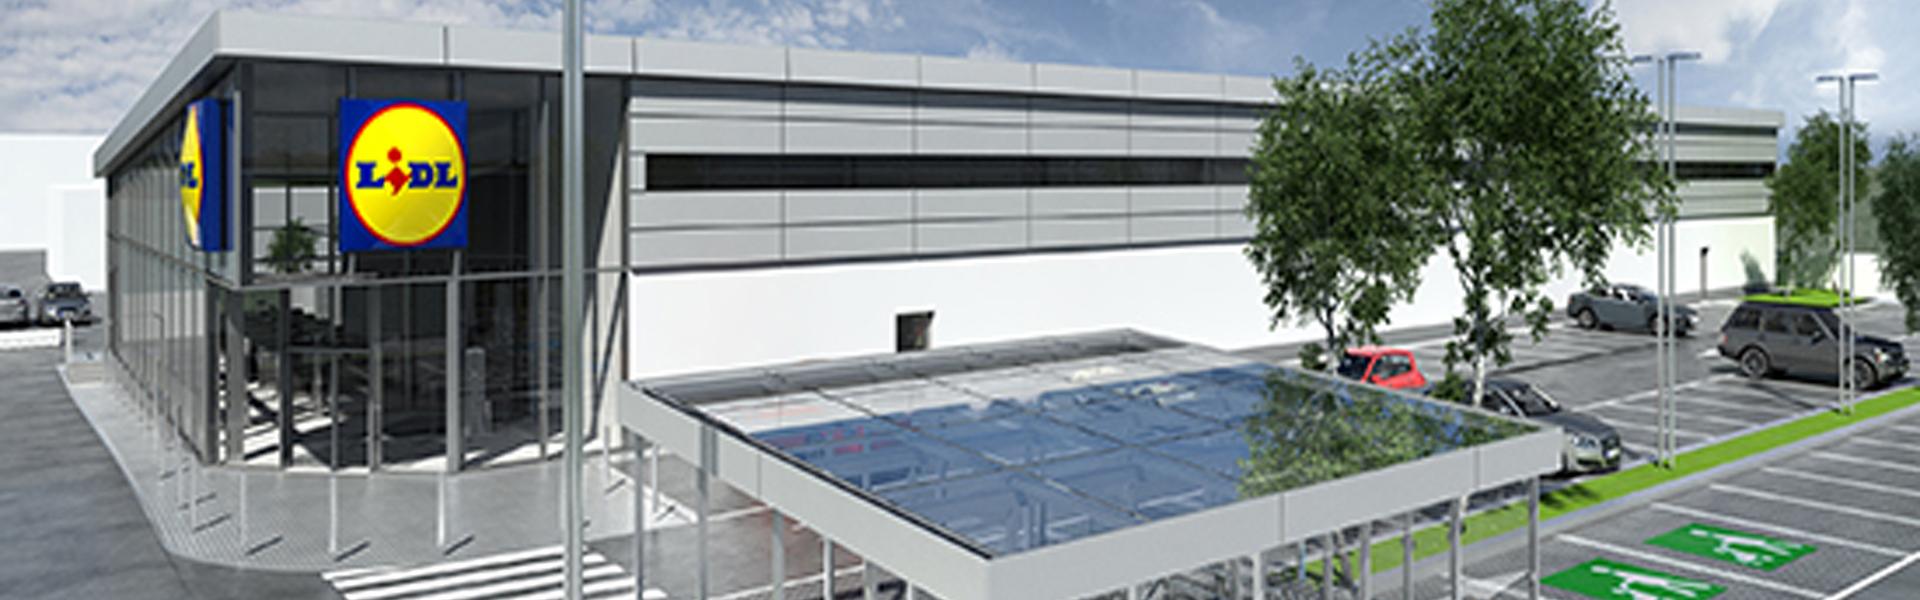 Lidl España está apostando por la sostenibilidad de sus tiendas